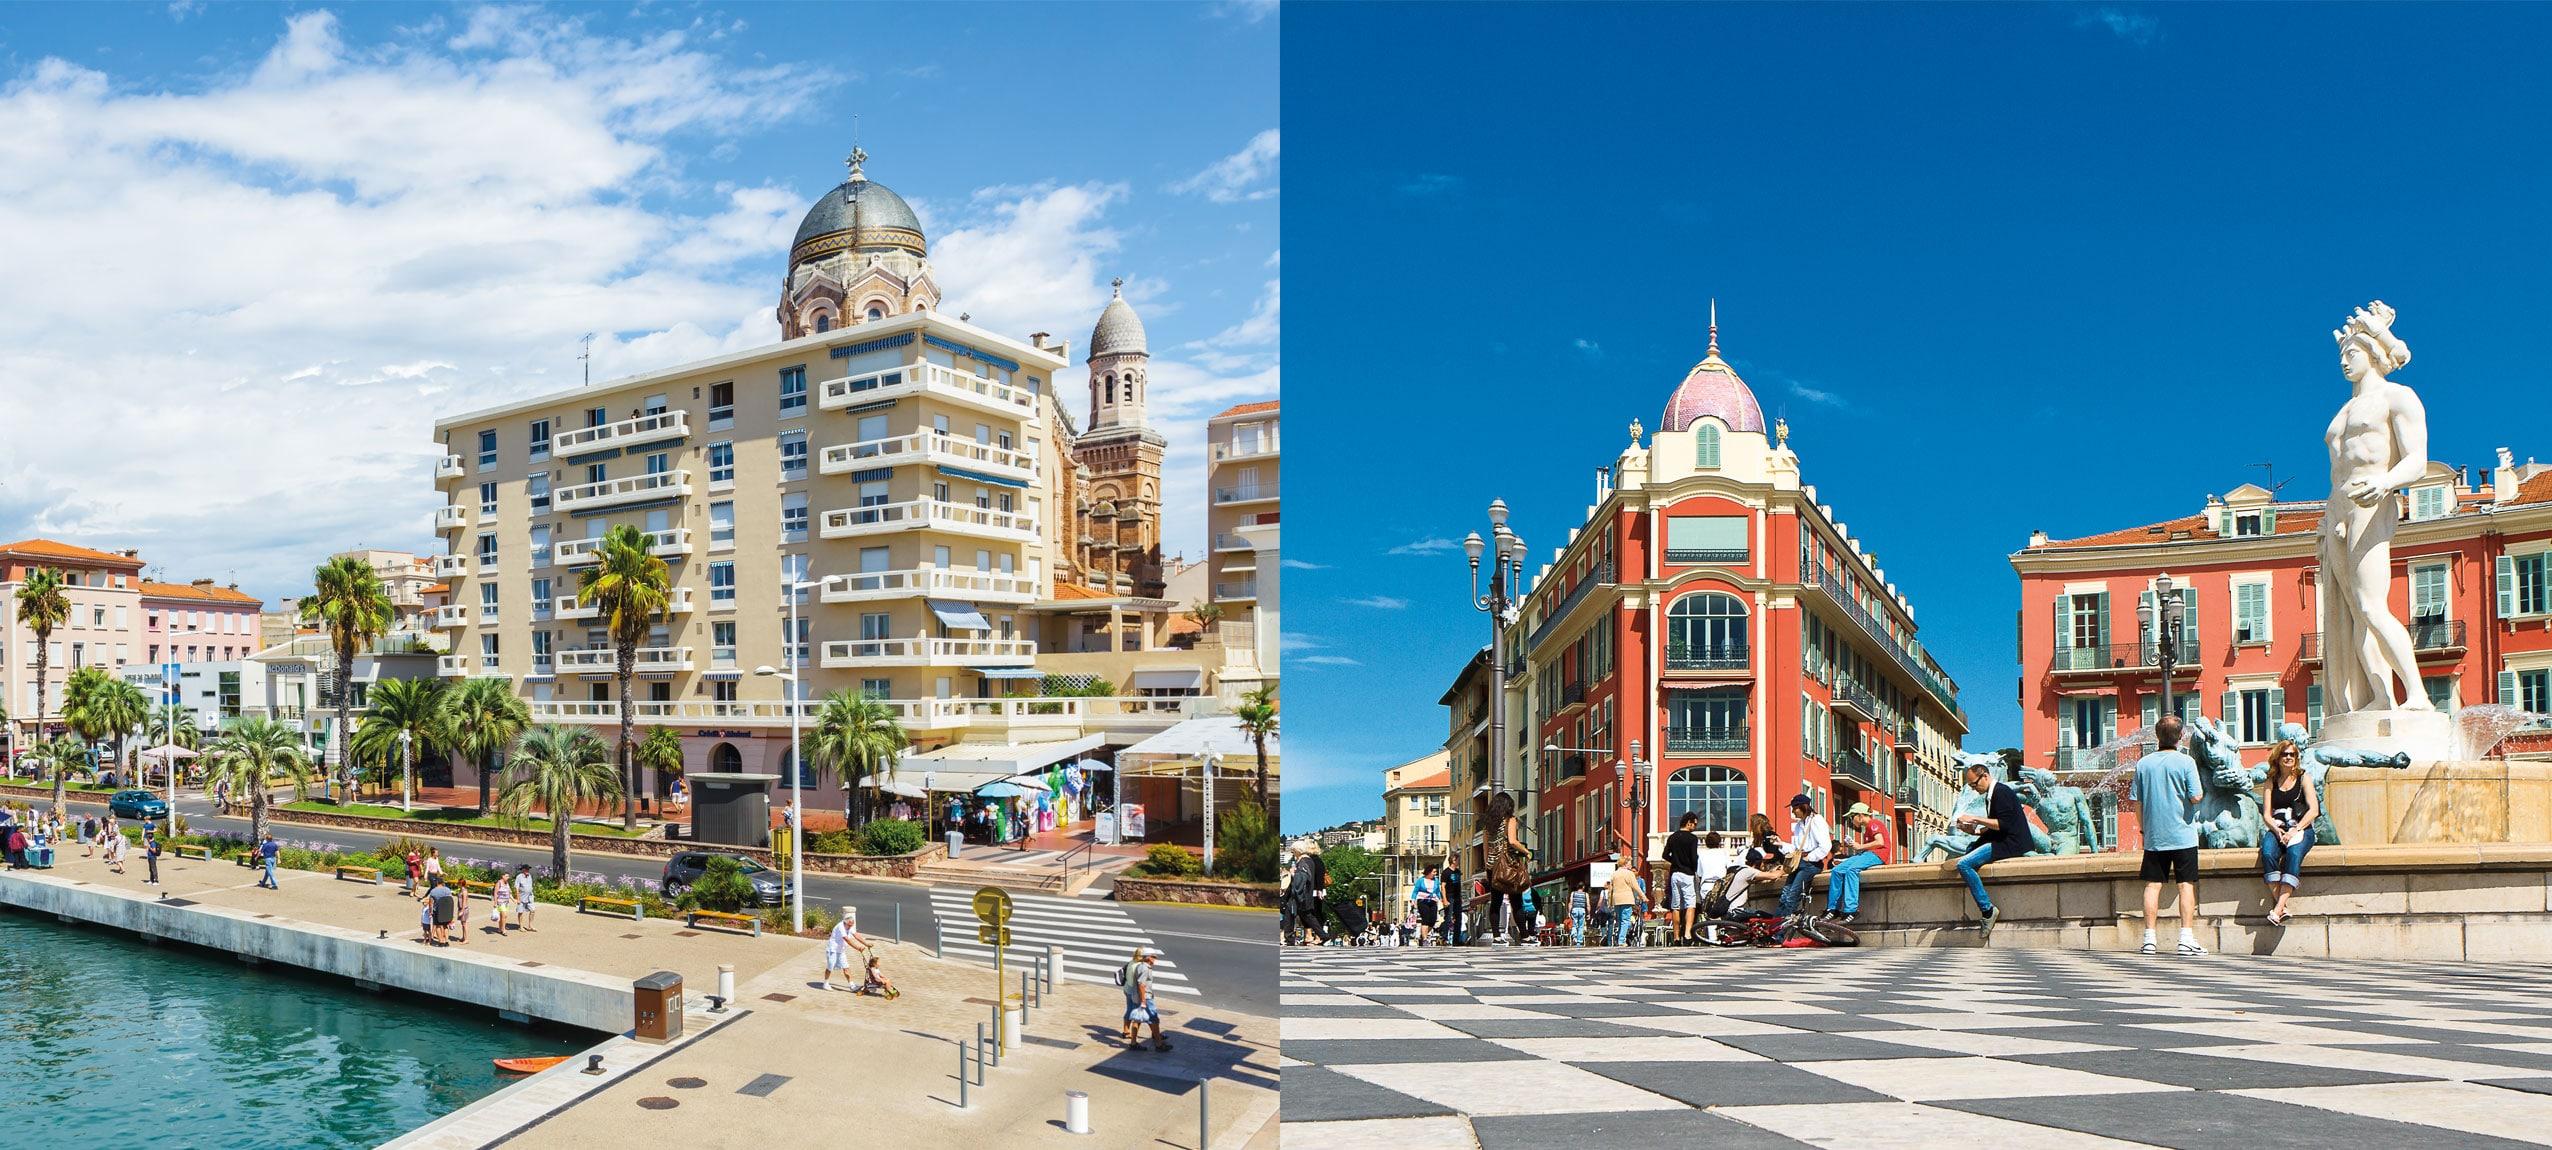 2 Villes - ESiD I École Supérieure Internationale. Saint-Raphaël - Nice Côte D'Azur. Études supérieures, post-bac.